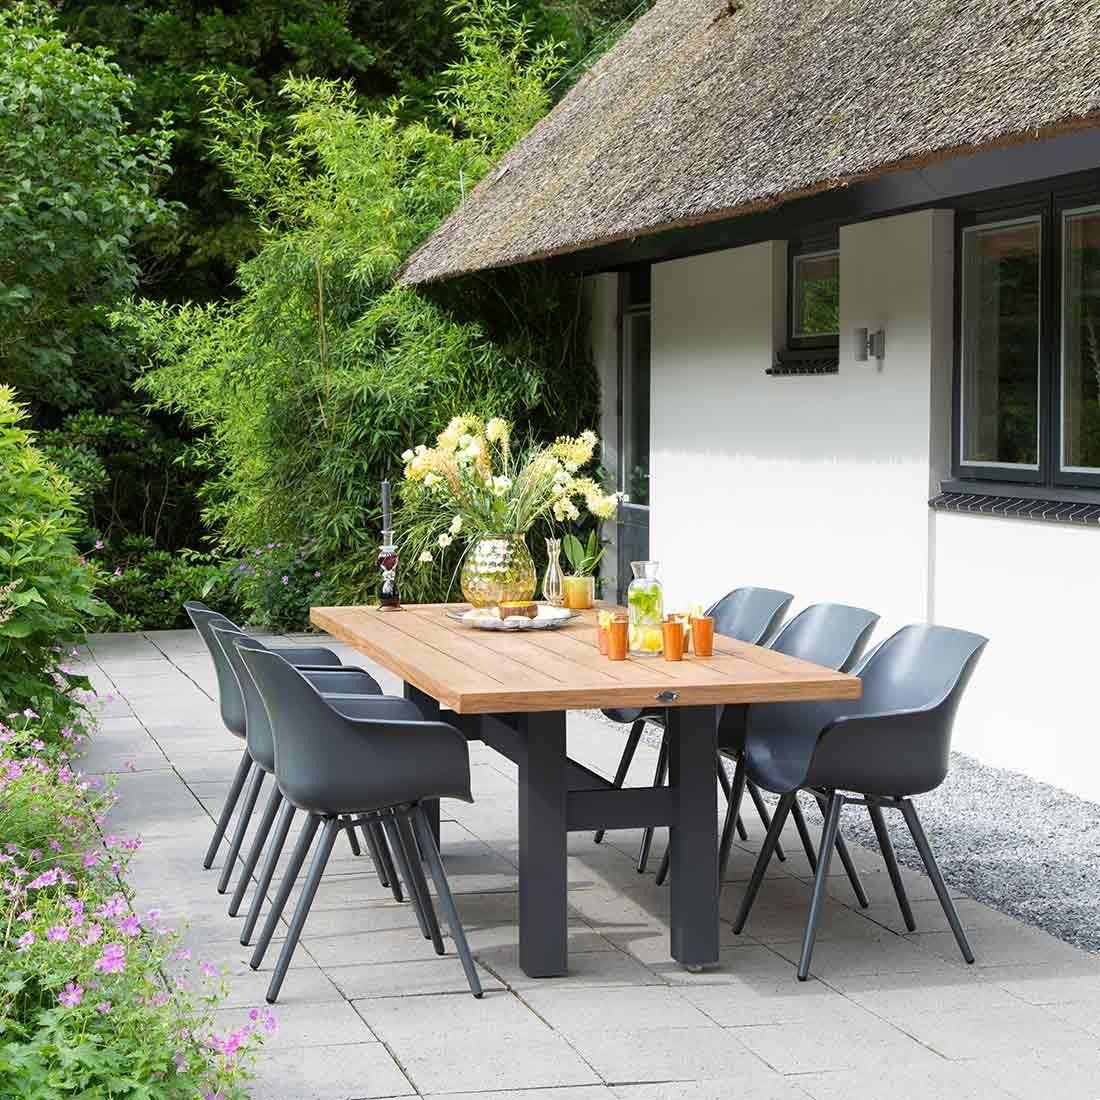 Billig gartenmöbel werksverkauf | Terrace | Pinterest | Gardens